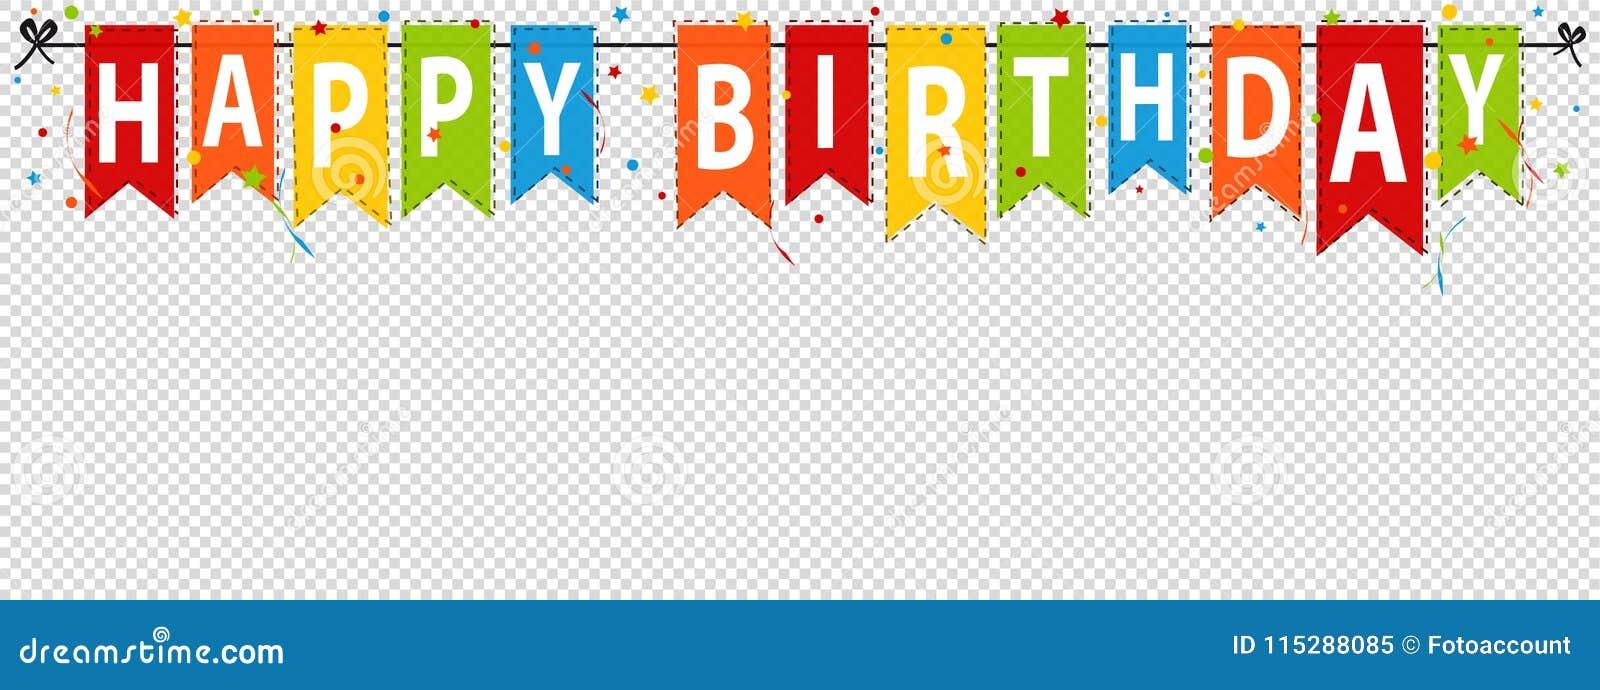 Bandera del feliz cumpleaños, fondo - ejemplo Editable del vector - aislado en transparente